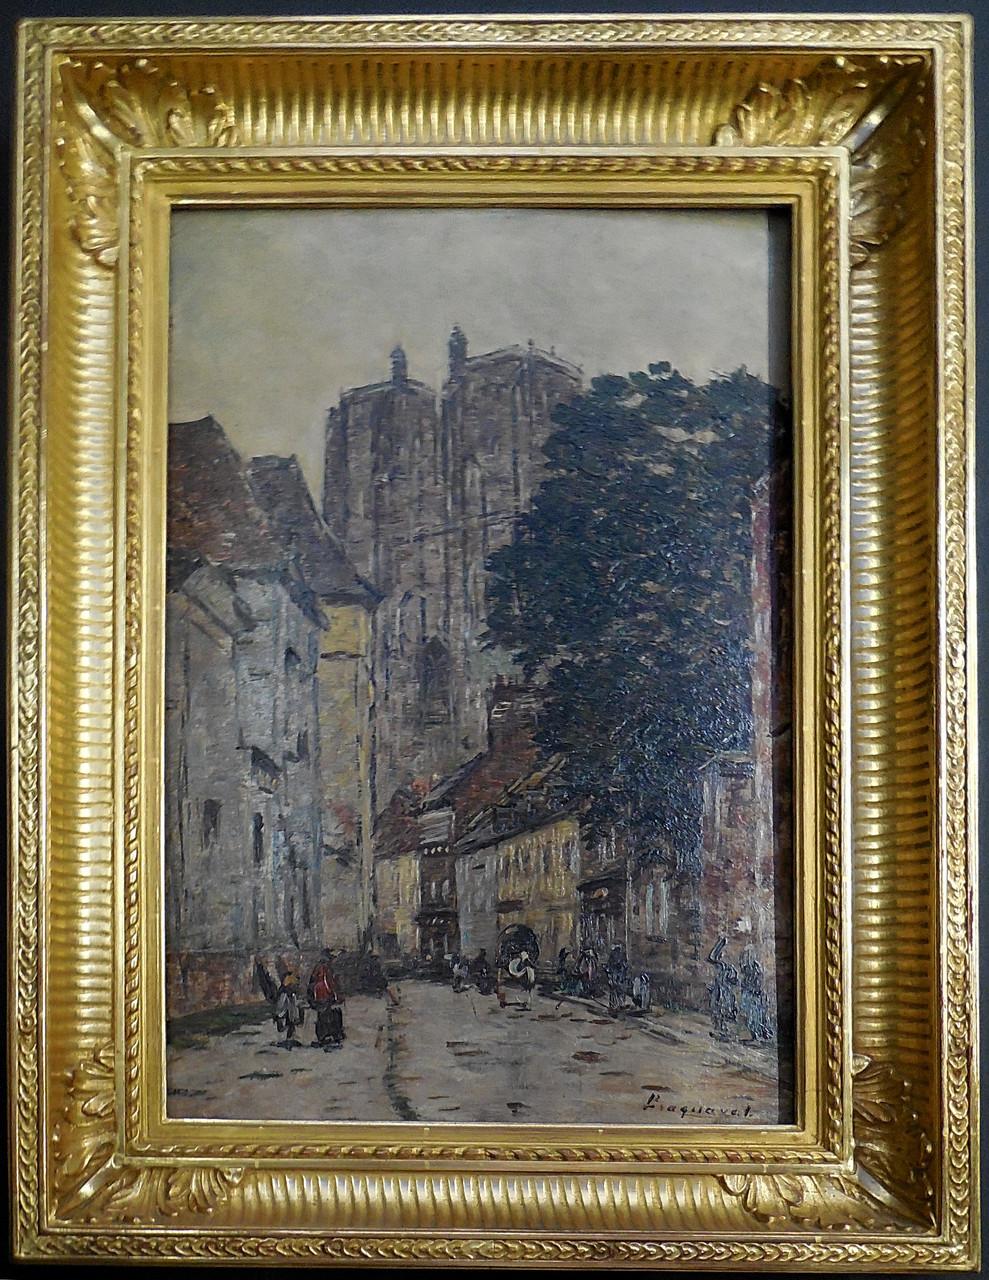 Braquaval Louis (1854-1919) Abbeville, Grande rue Notre-Dame / Musée Boucher-de-Perthes, Abbeville / photo JH